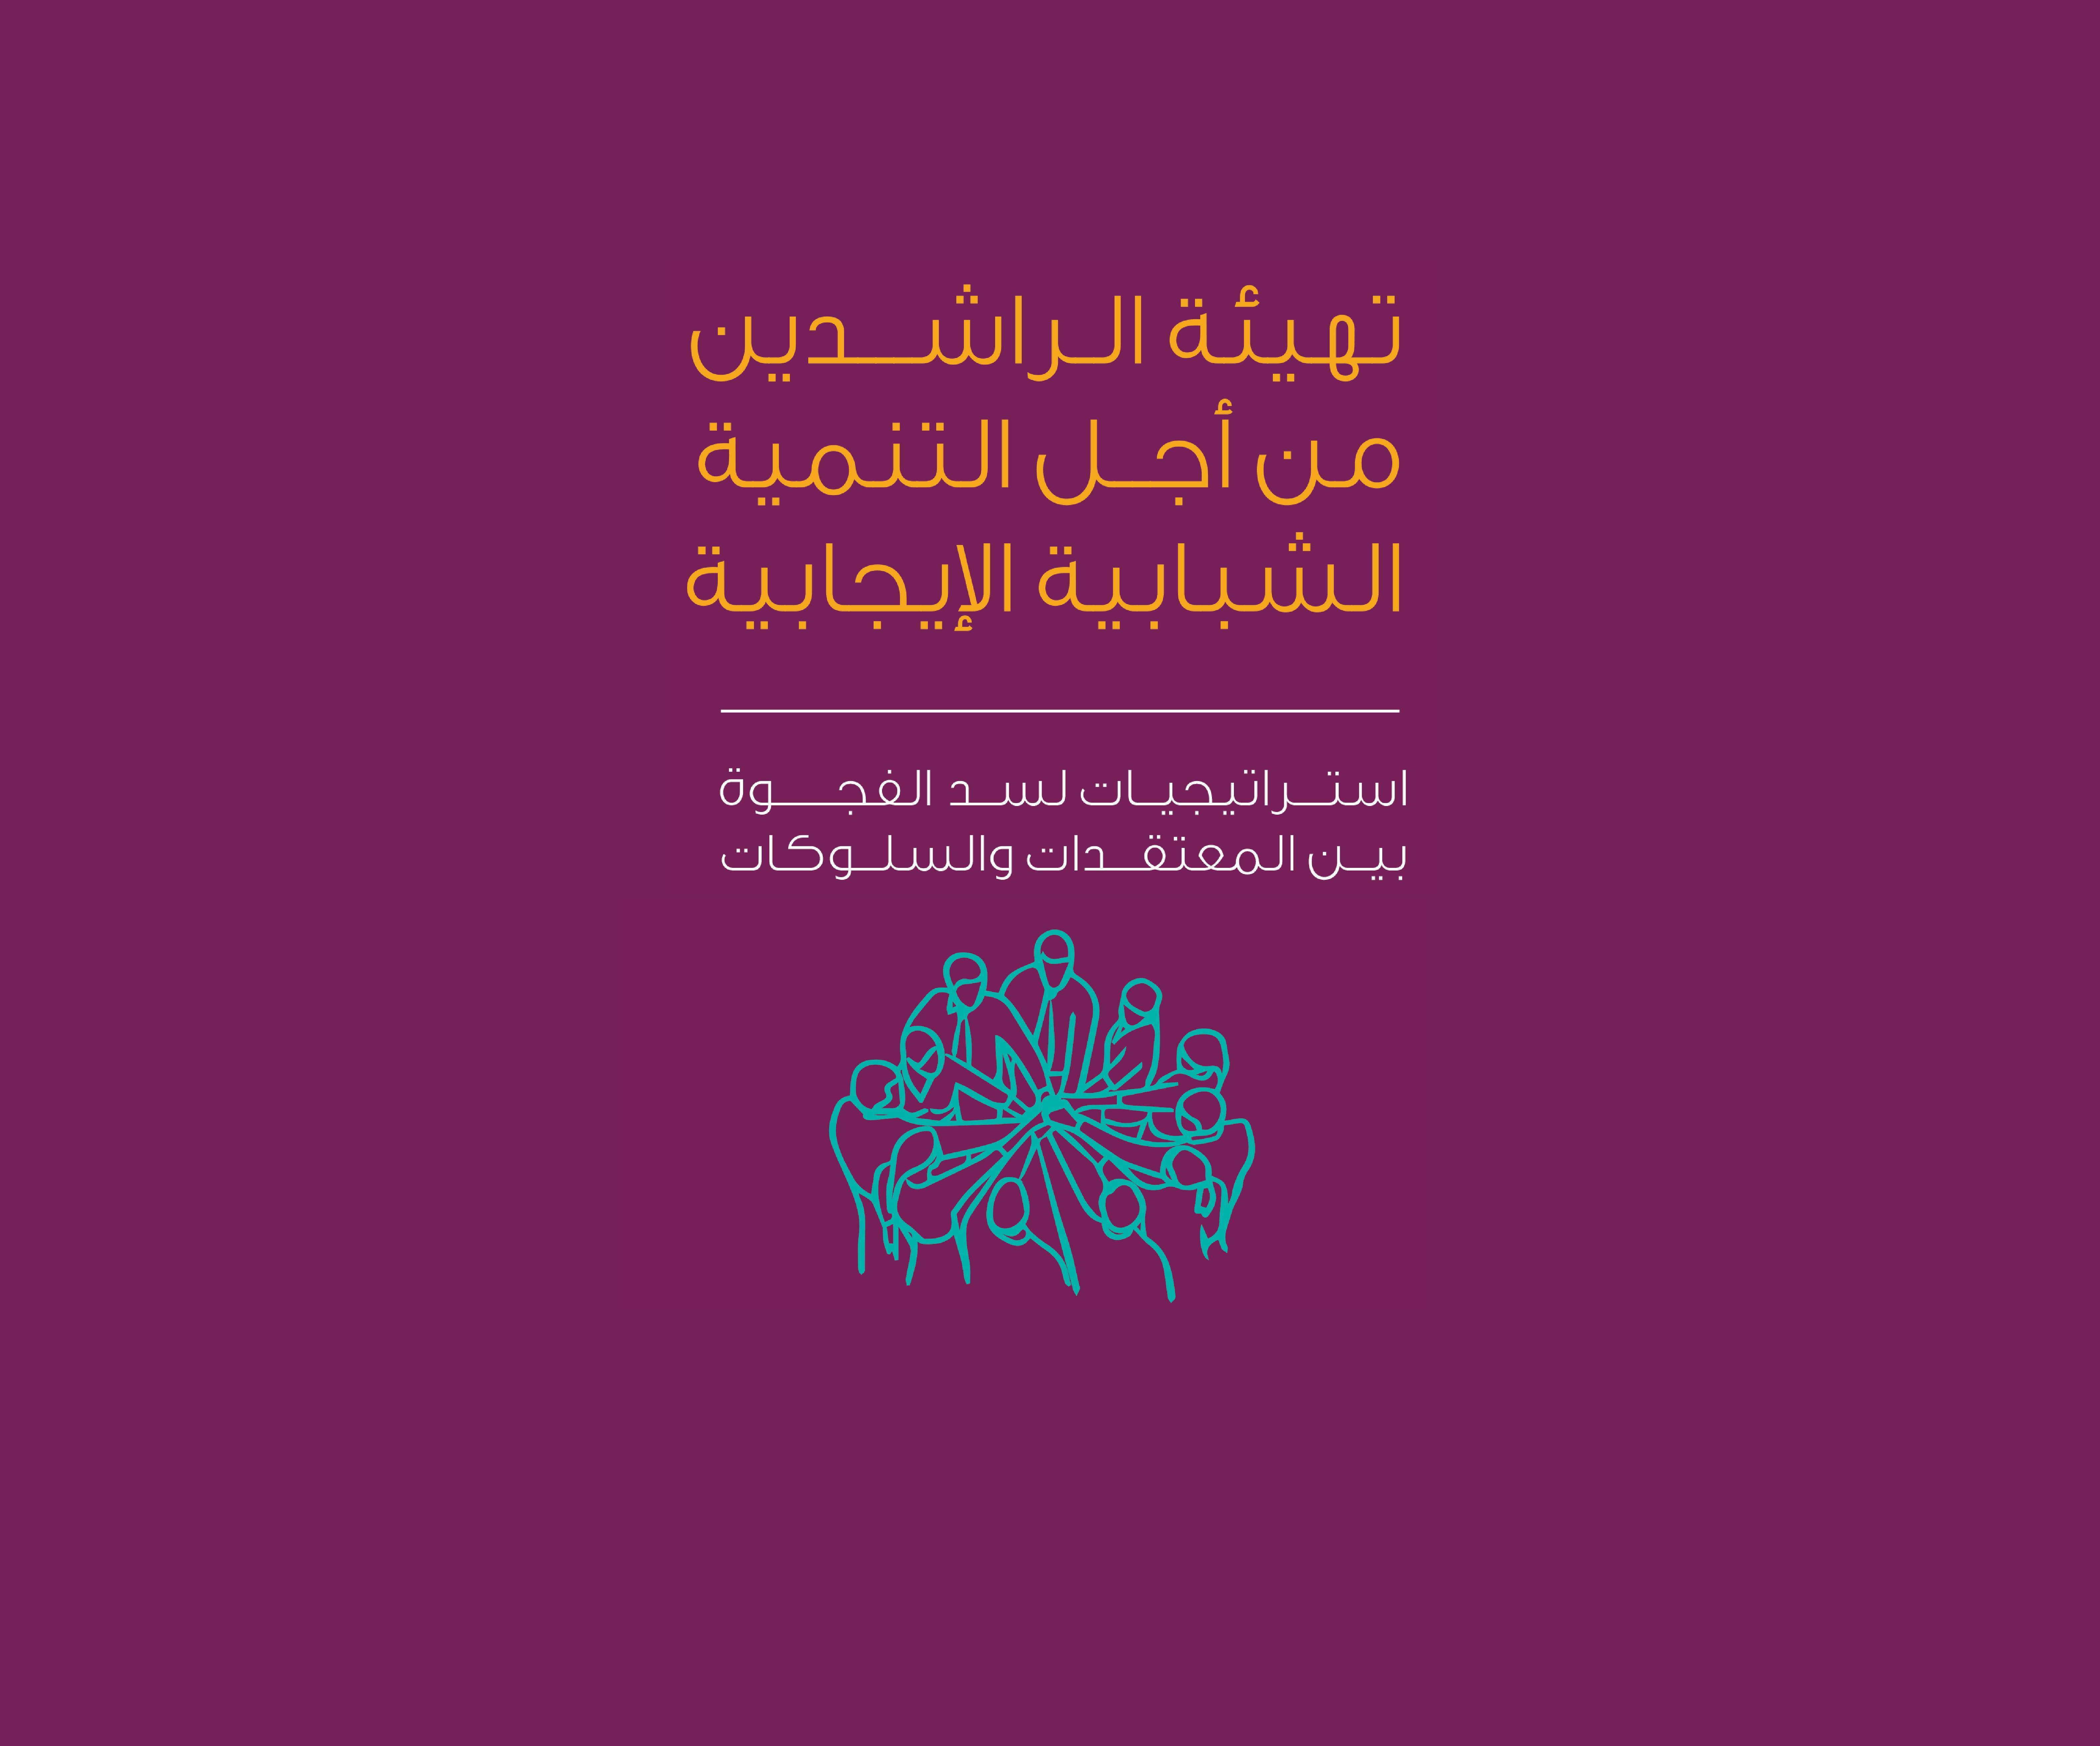 كتاب تهيئة الراشدين من أجل التنمية الشبابية الإيجابية